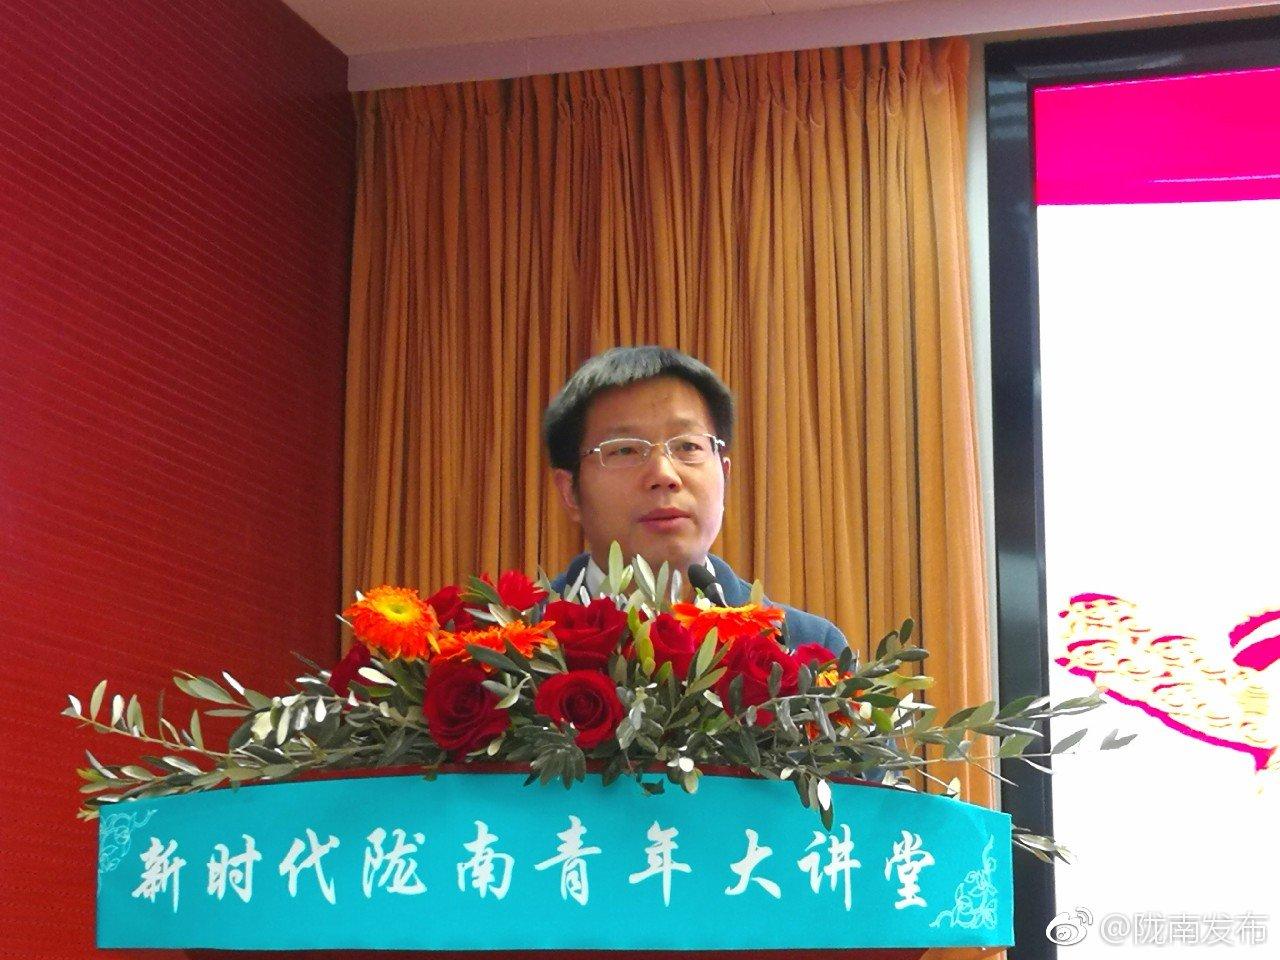 兰州大学资源环境学院教授,甘肃省欧美同学会常务理事聂军胜说